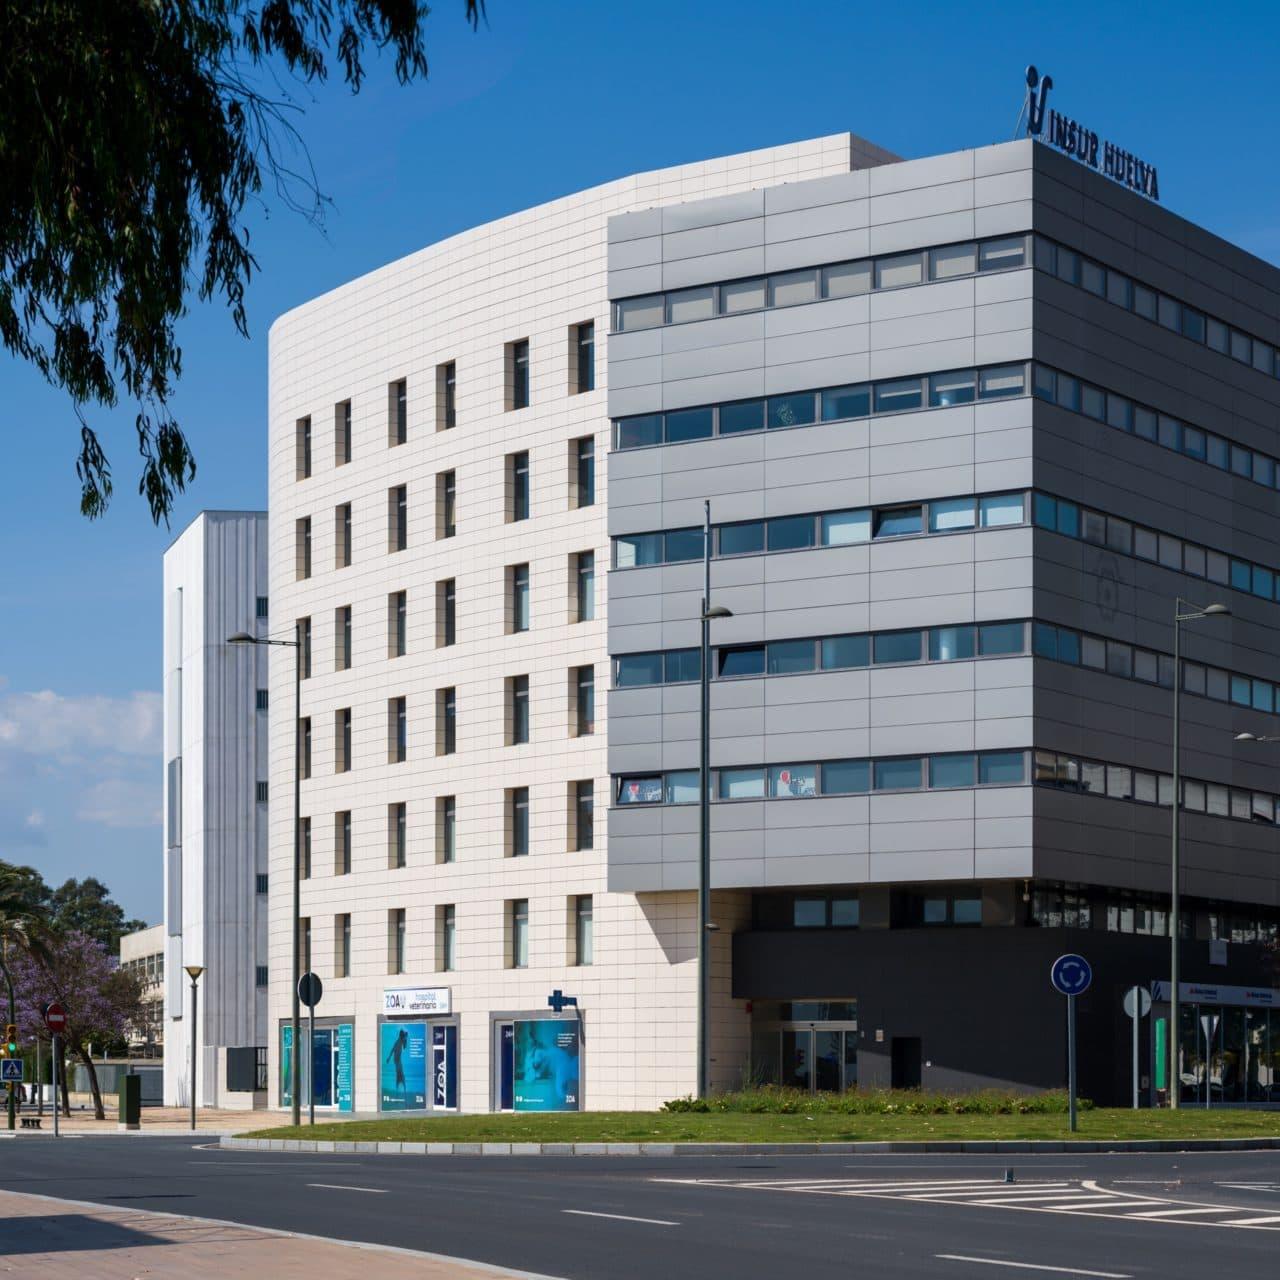 Vista lateral del edificio de oficinas insur Huelva